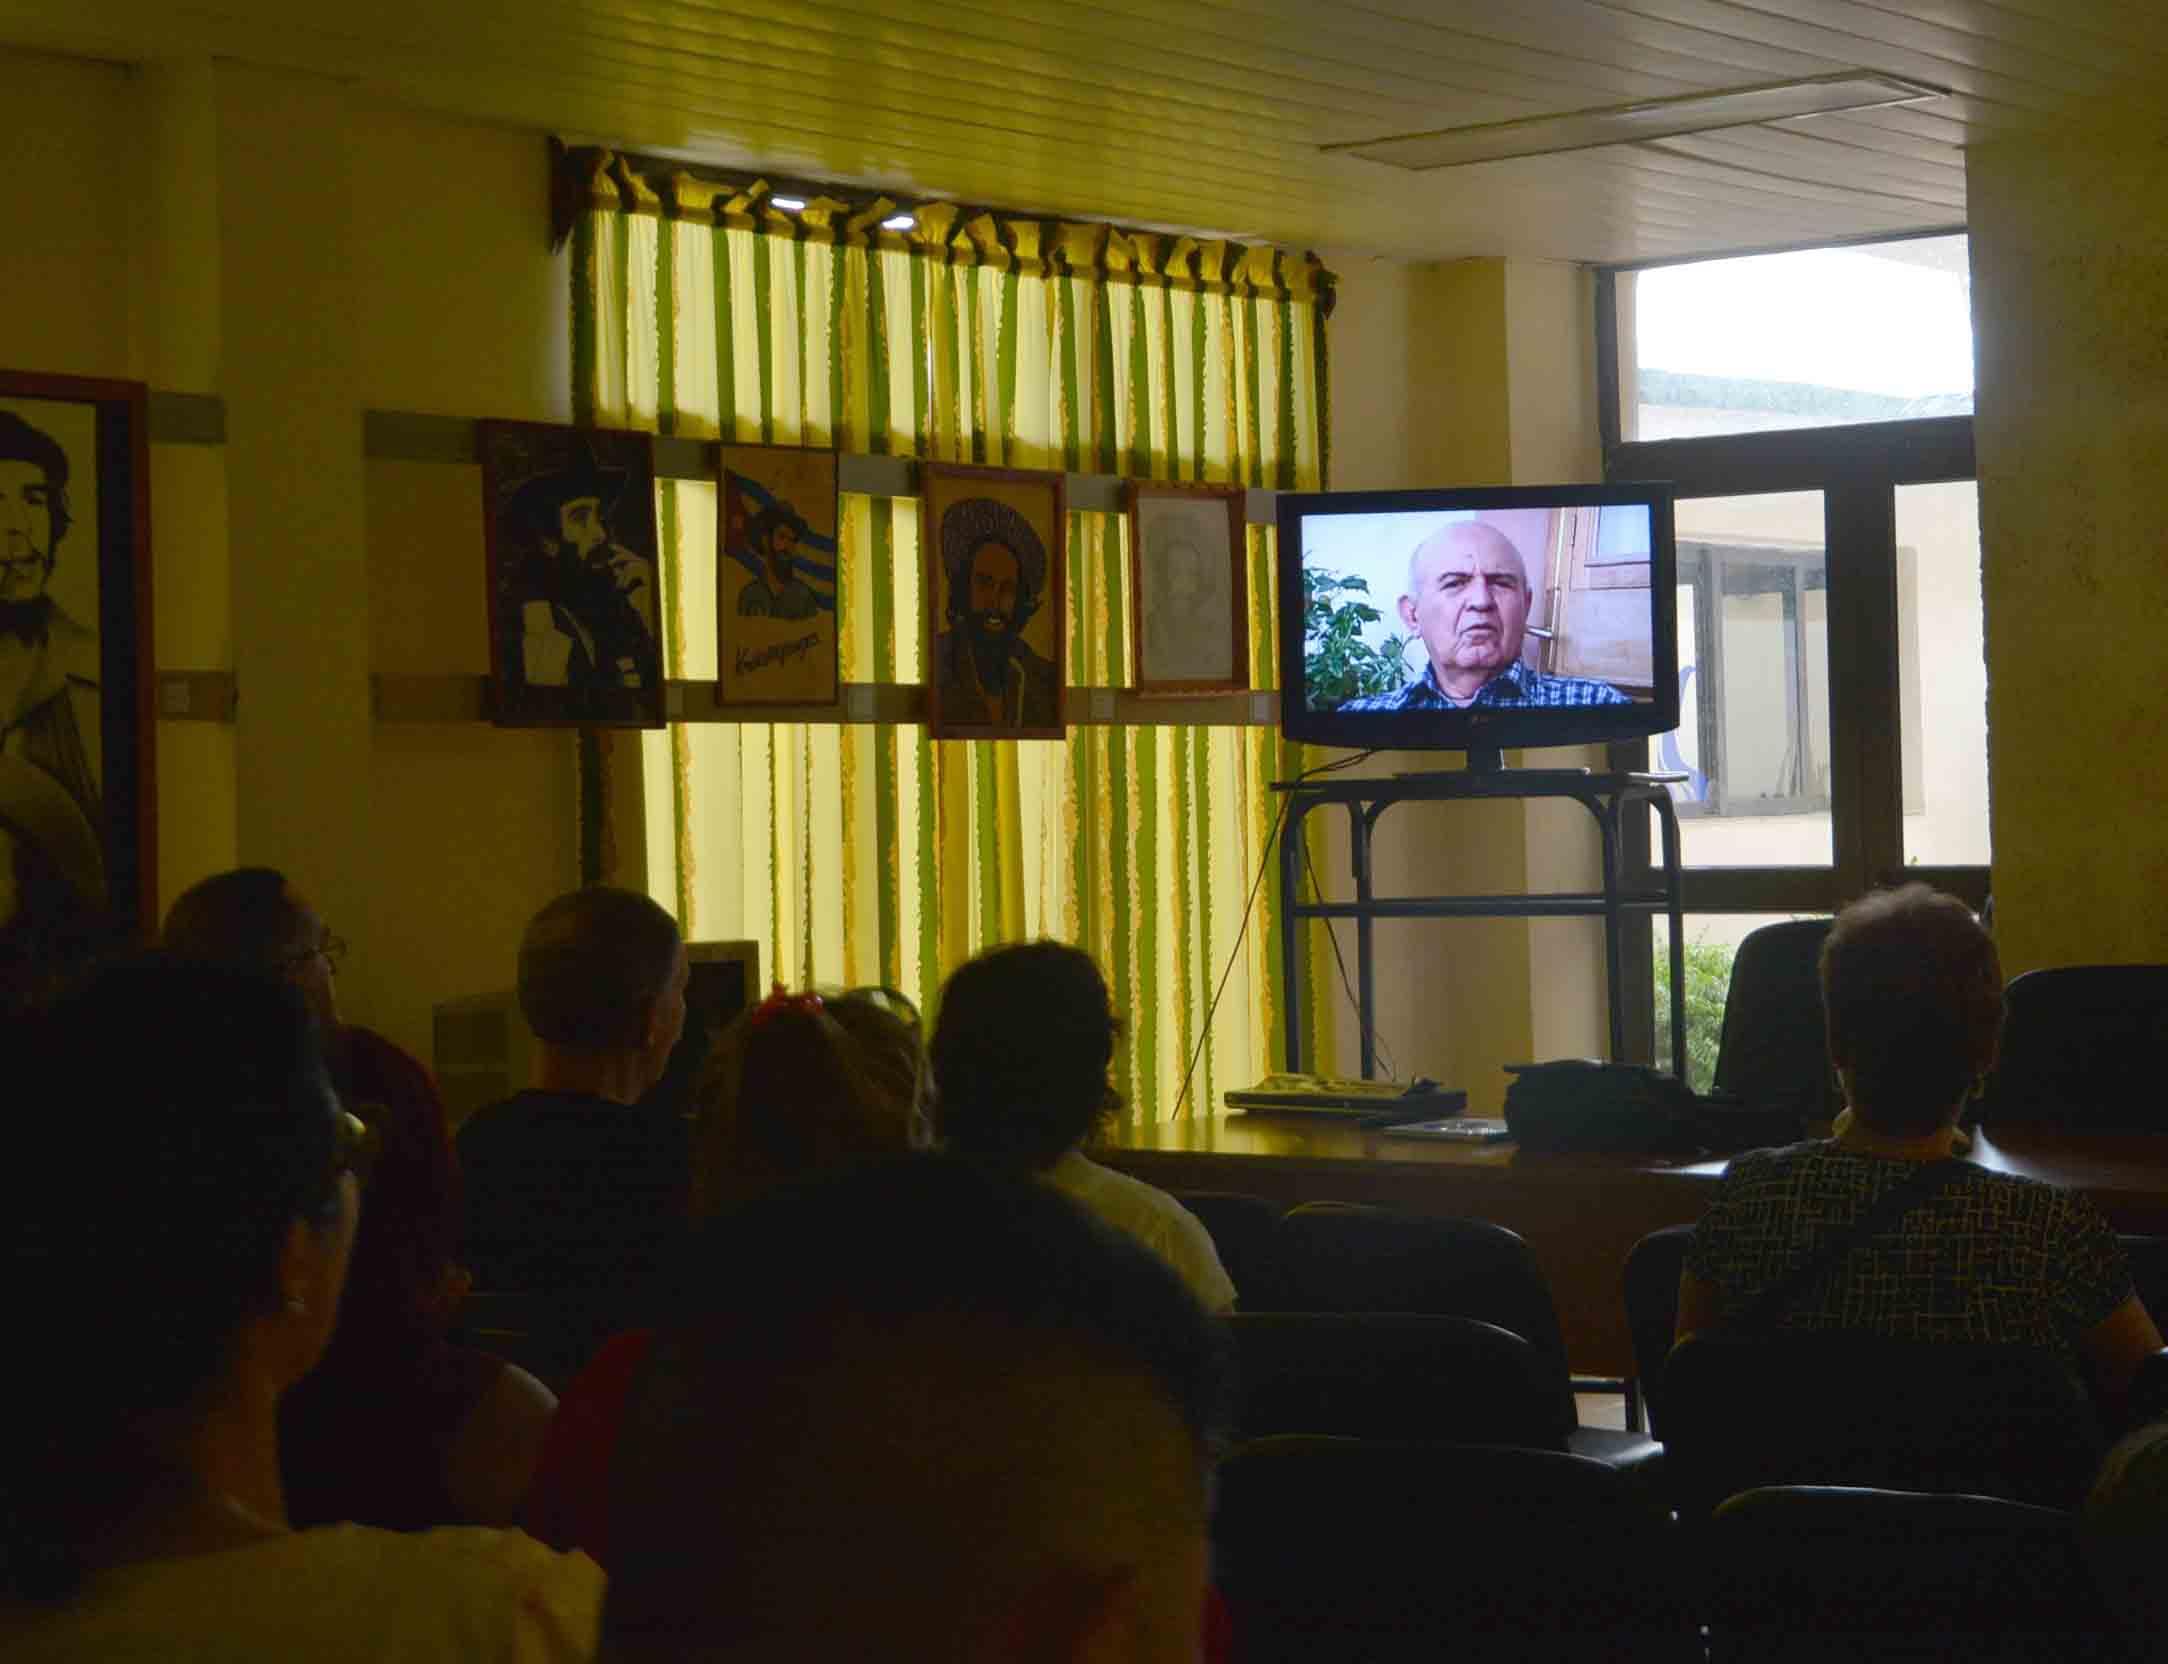 El audiovisual es fruto de un proyecto entre la Agencia de Medios Alternativos y Taller Editorial (AMATE), con sede en Los Ángeles, Estados Unidos, y la UPEC. (Foto: Oscar Alfonso)